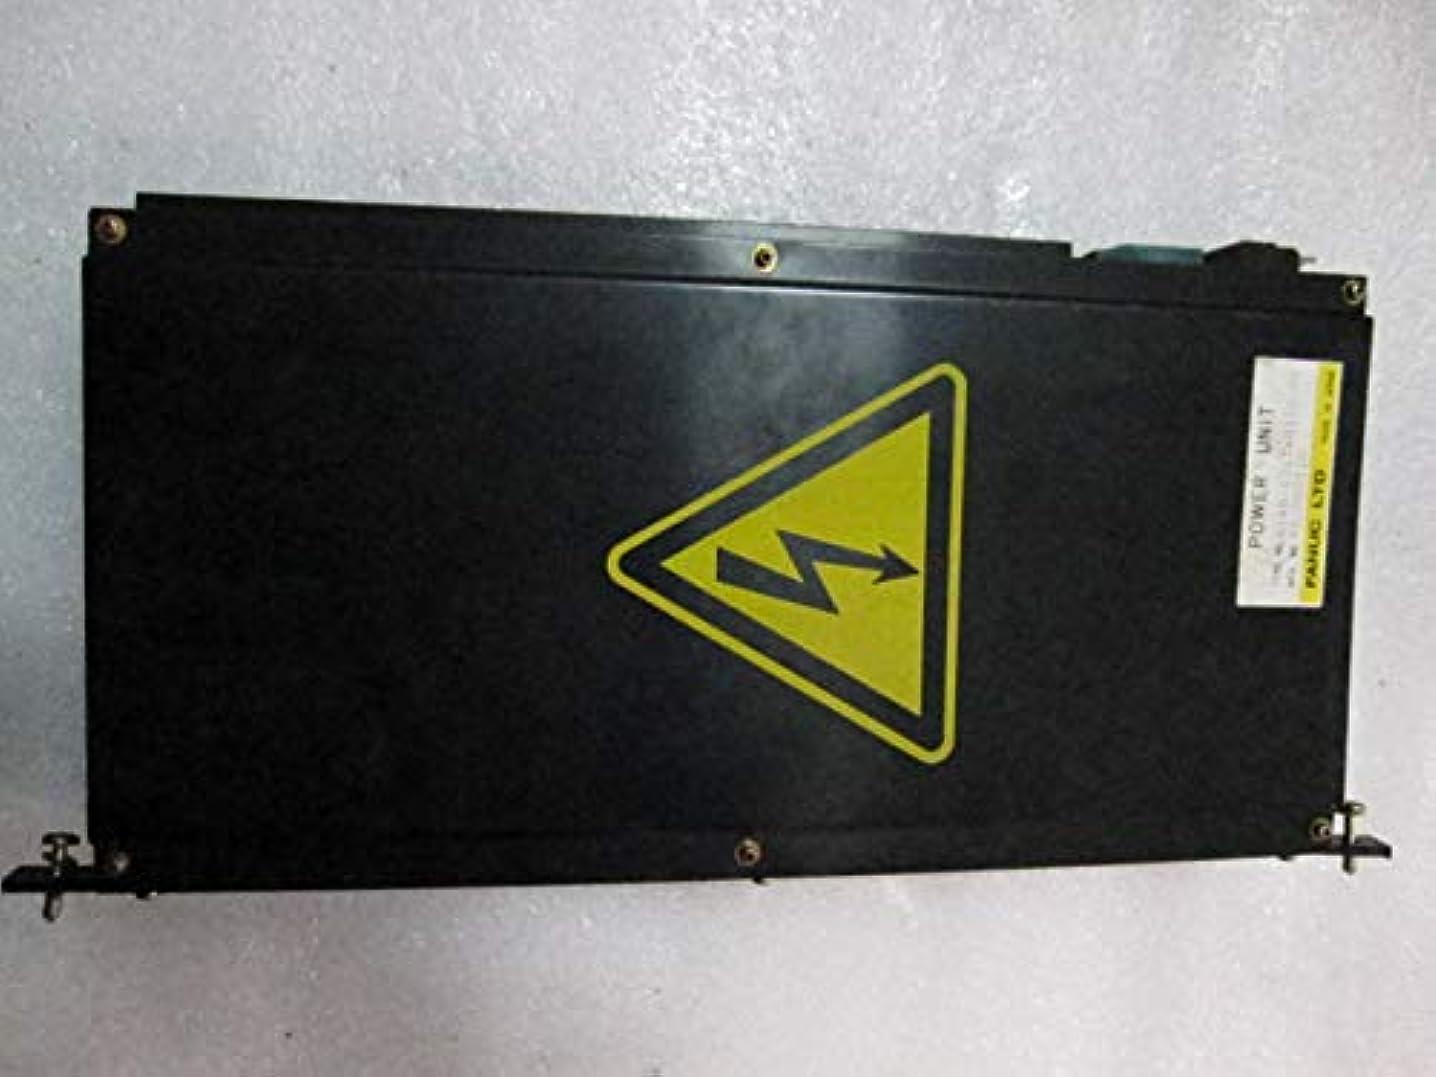 この徒歩で見込みA16B-1212-0110-01 ケーブルトレイ用アクセサリー